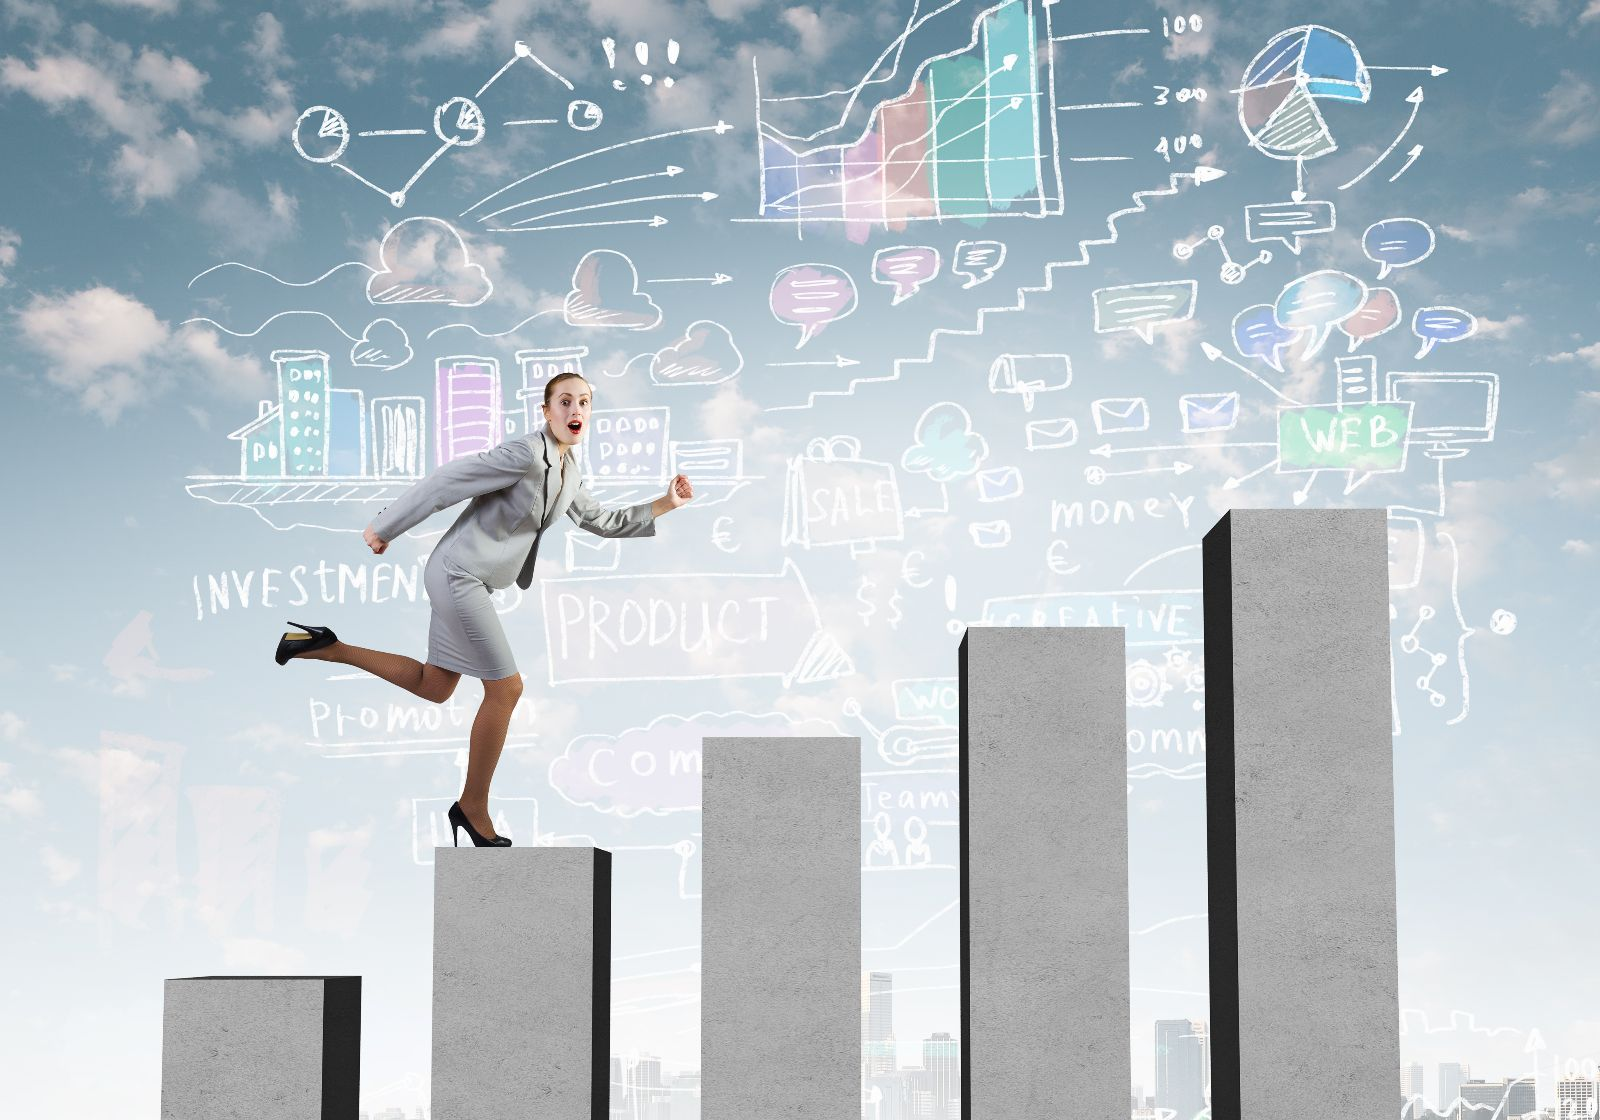 Mujer sibiendo en una ilustración de gráfica de barras ascendente